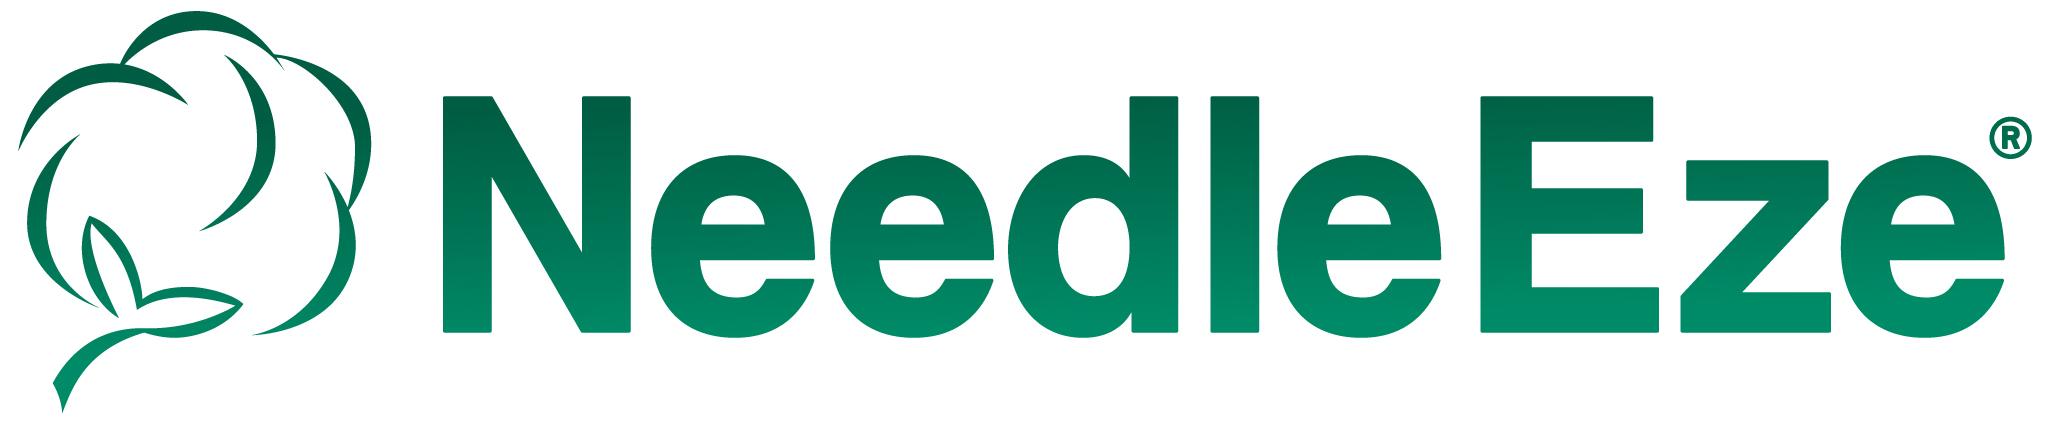 NeedleEze